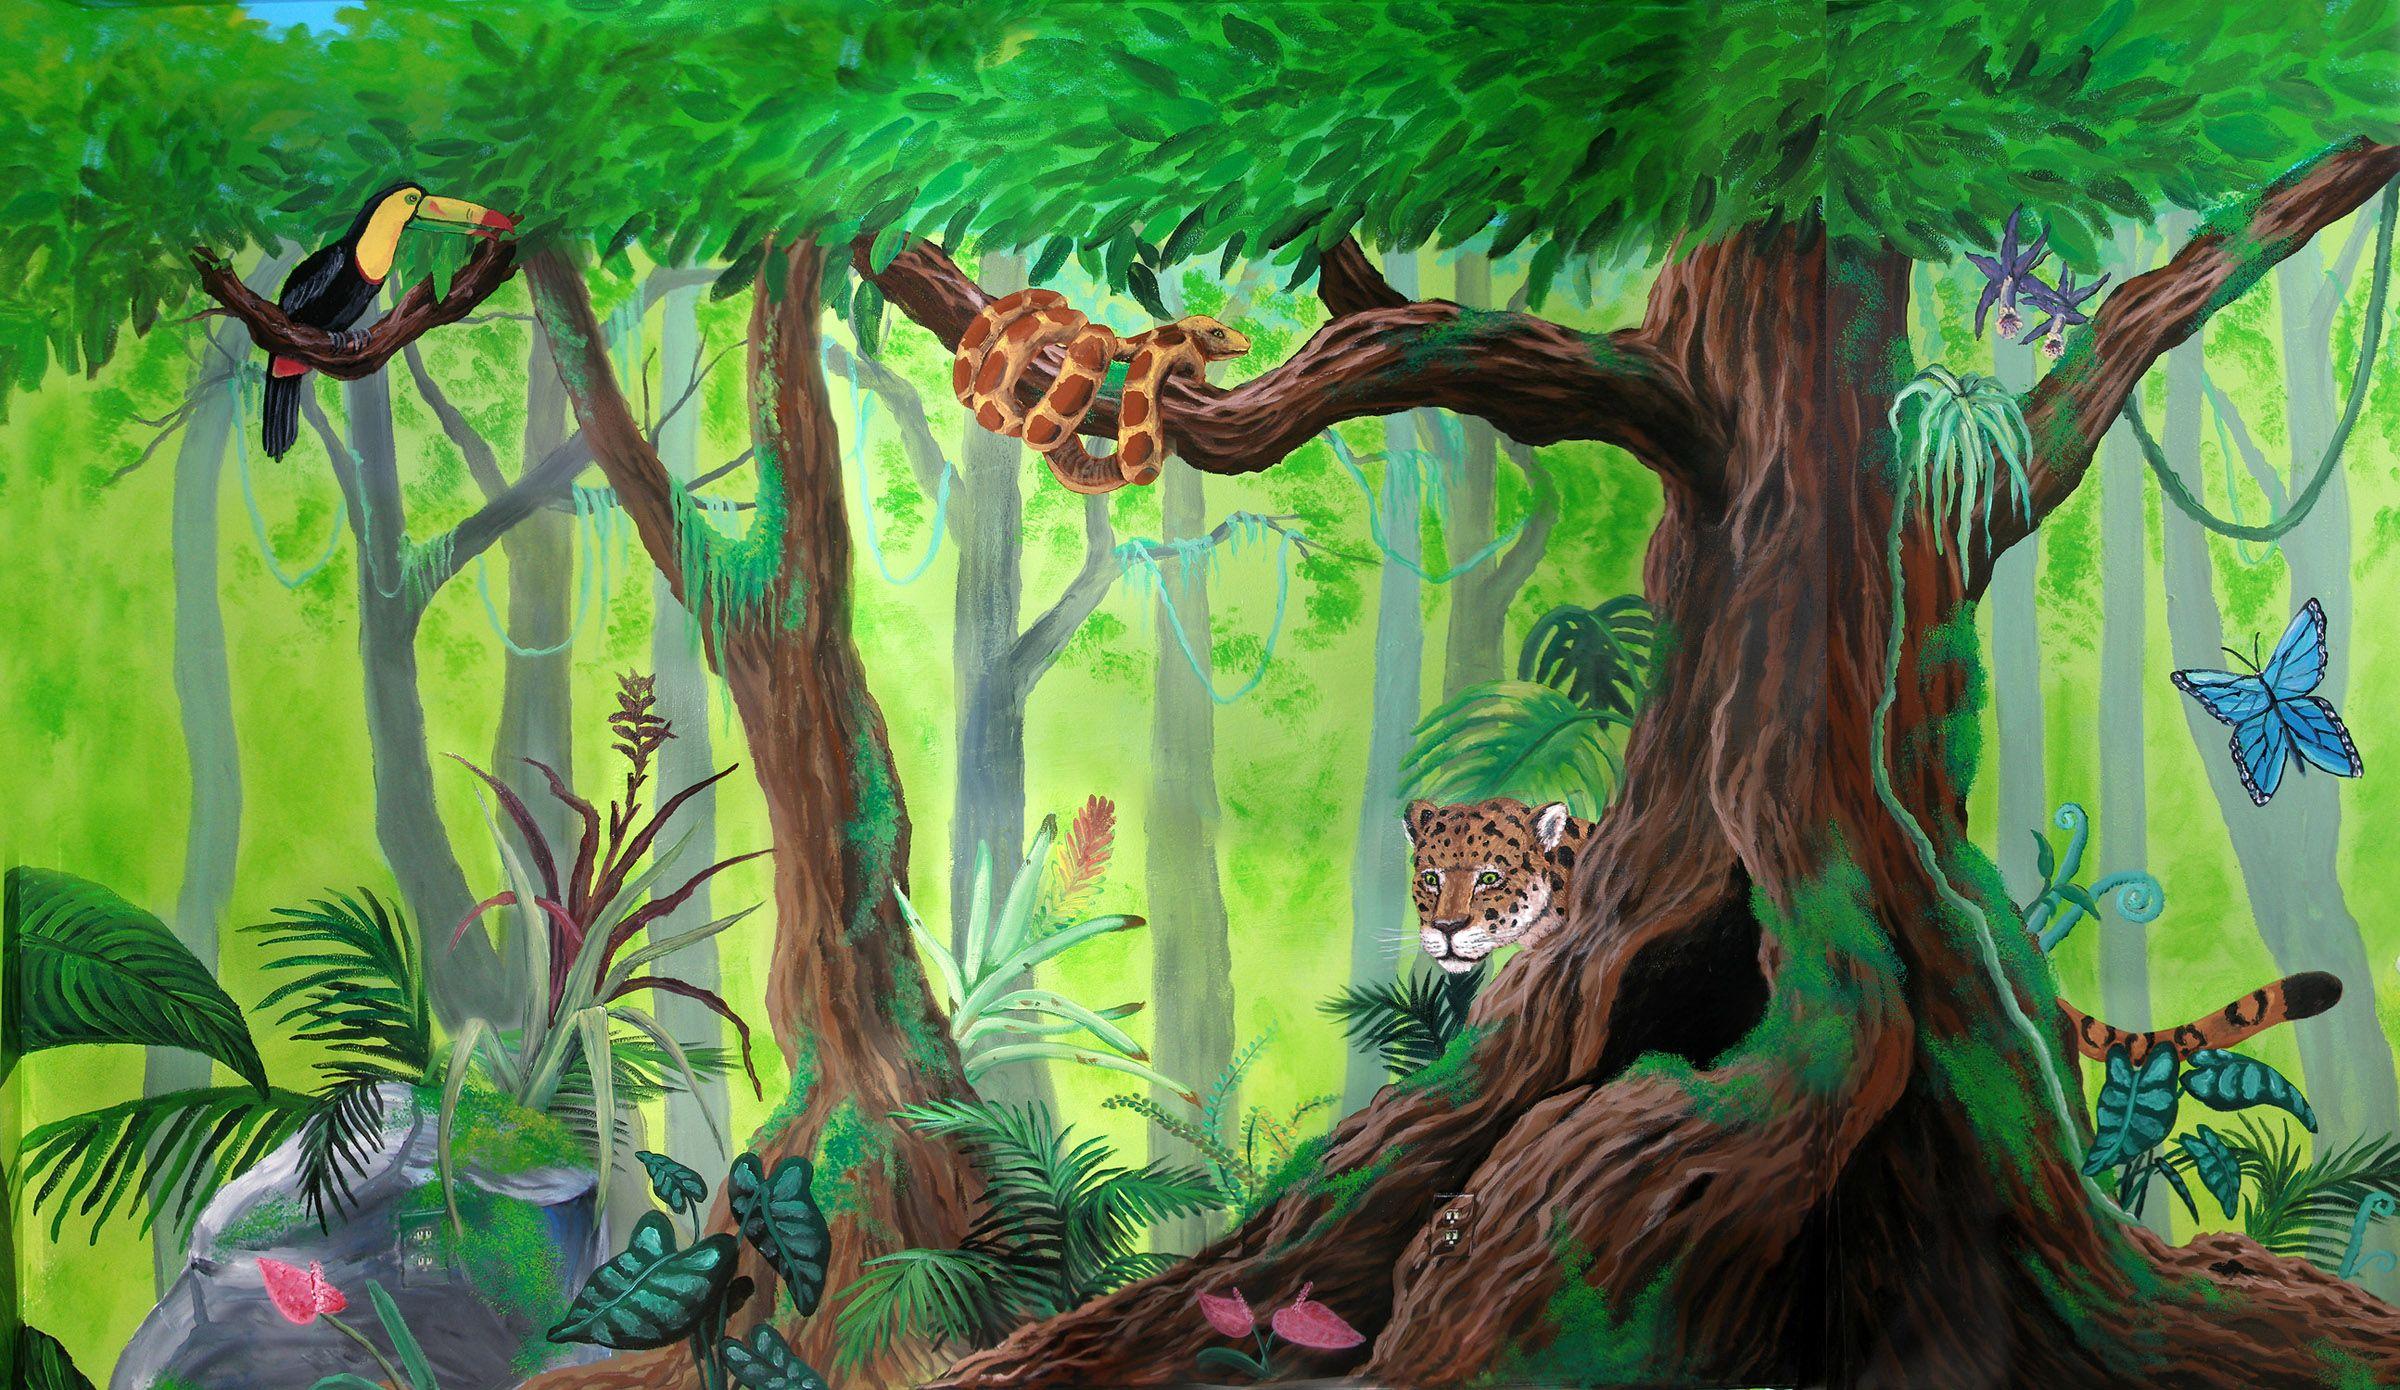 Rainforest mural by deviantart art fantasy fairytale for Animal mural wallpaper